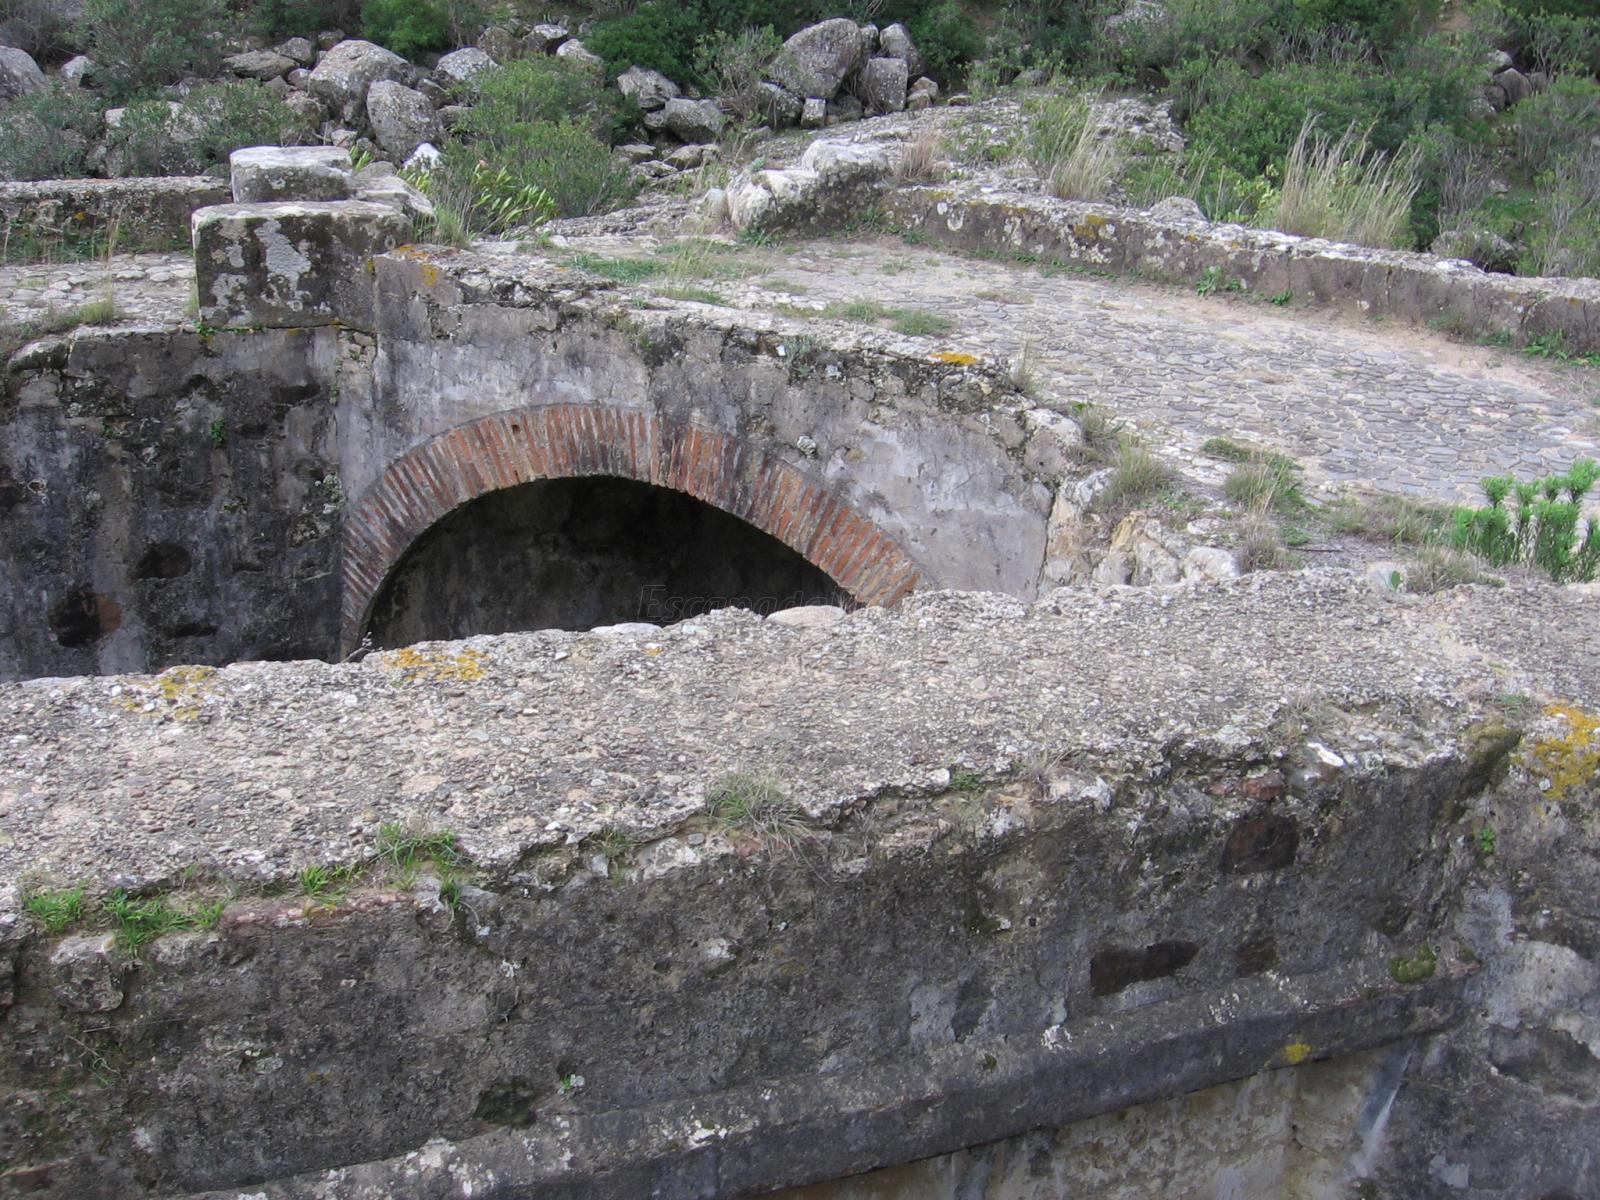 Canalización de agua del río Hozgarganta con destino a la fundición de la Real Fábrica de Artillería de Jimena, conocida como la fábrica de la bomba.